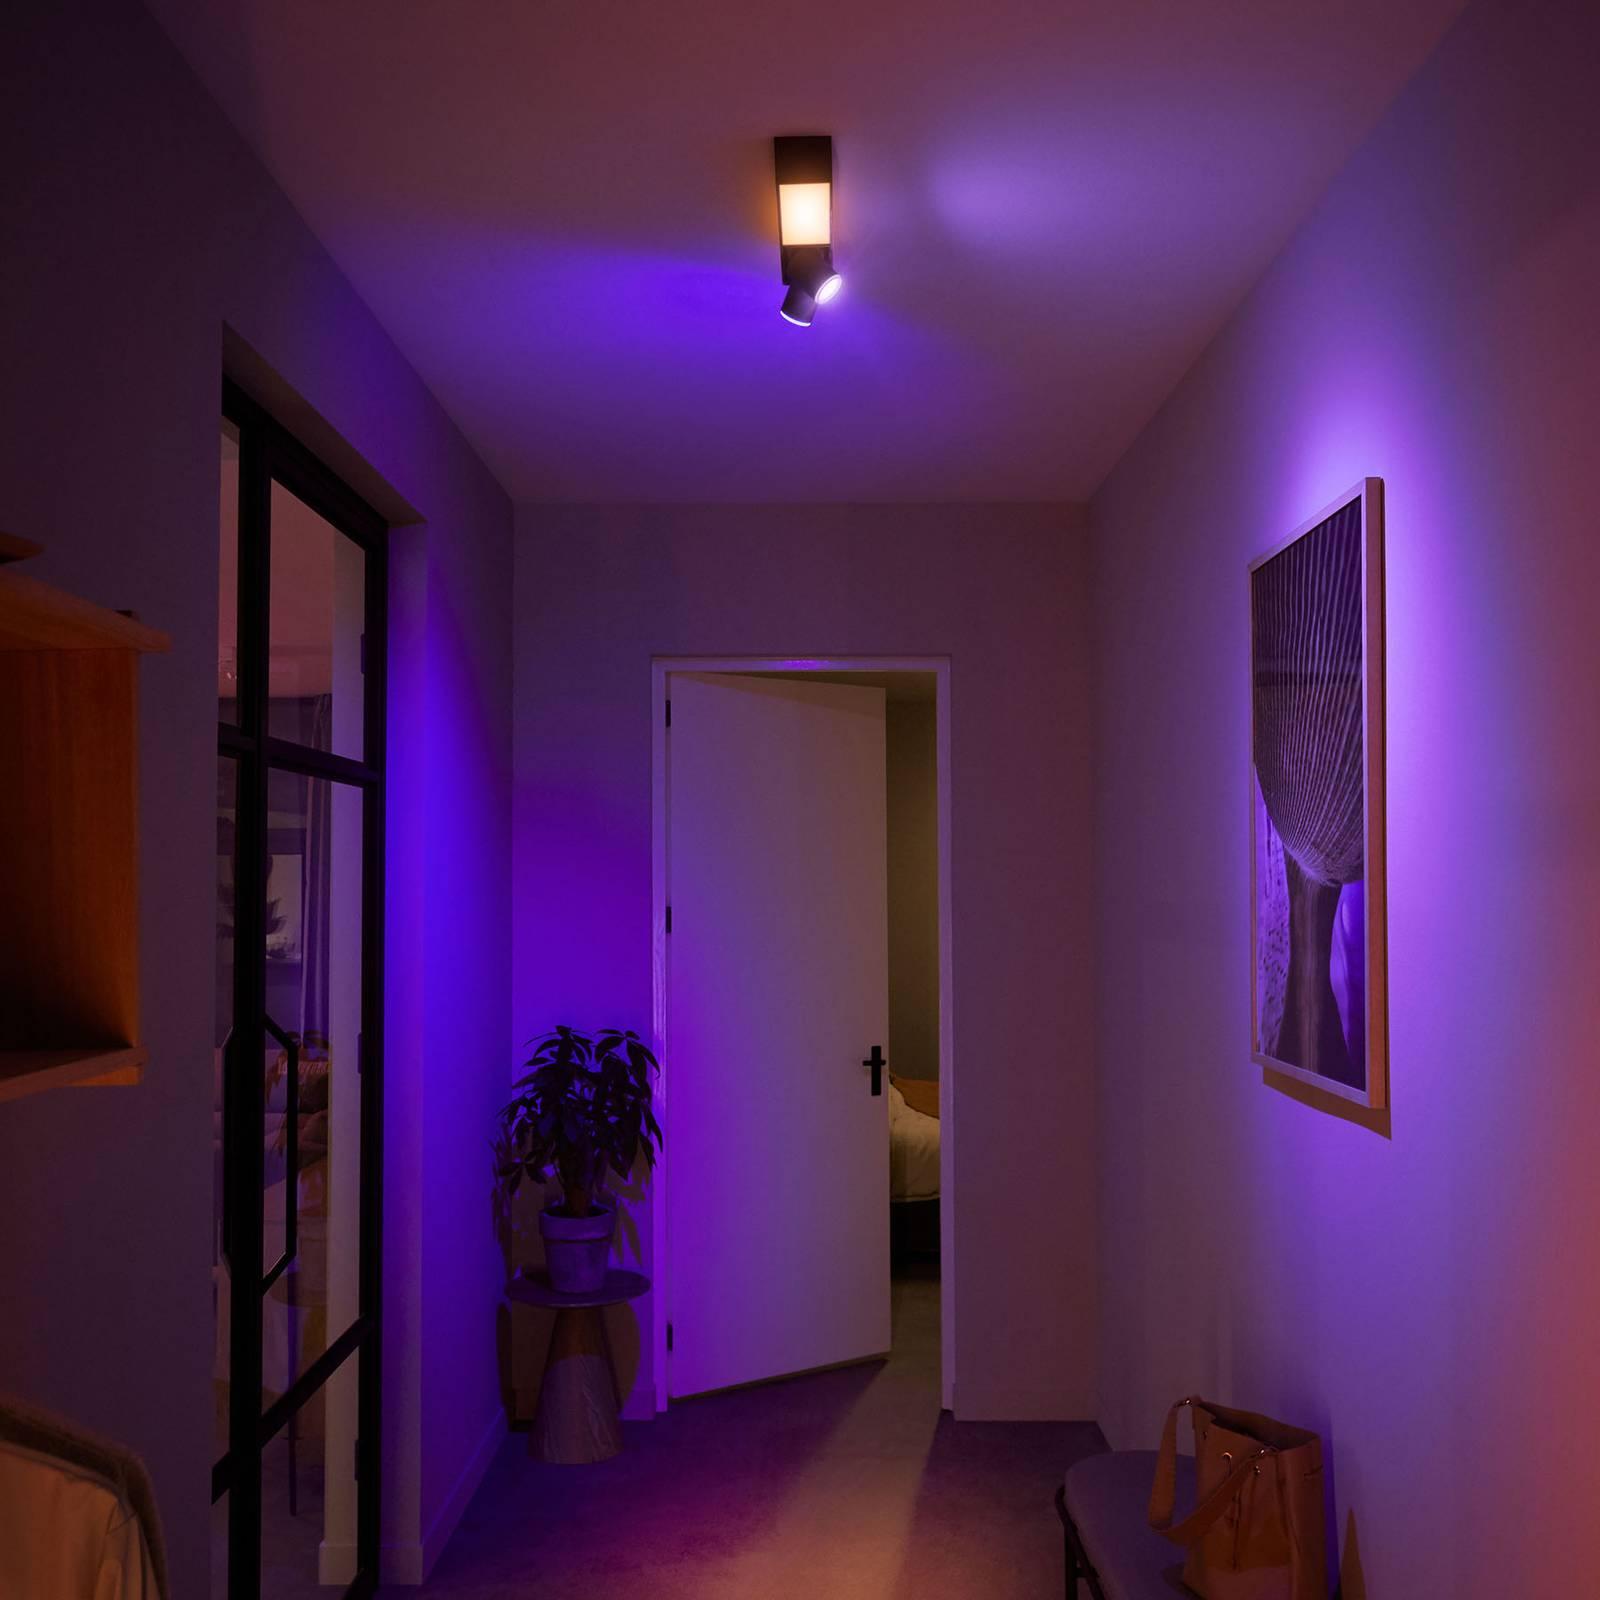 Philips Hue Centris LED-spotti kaksilamppuinen